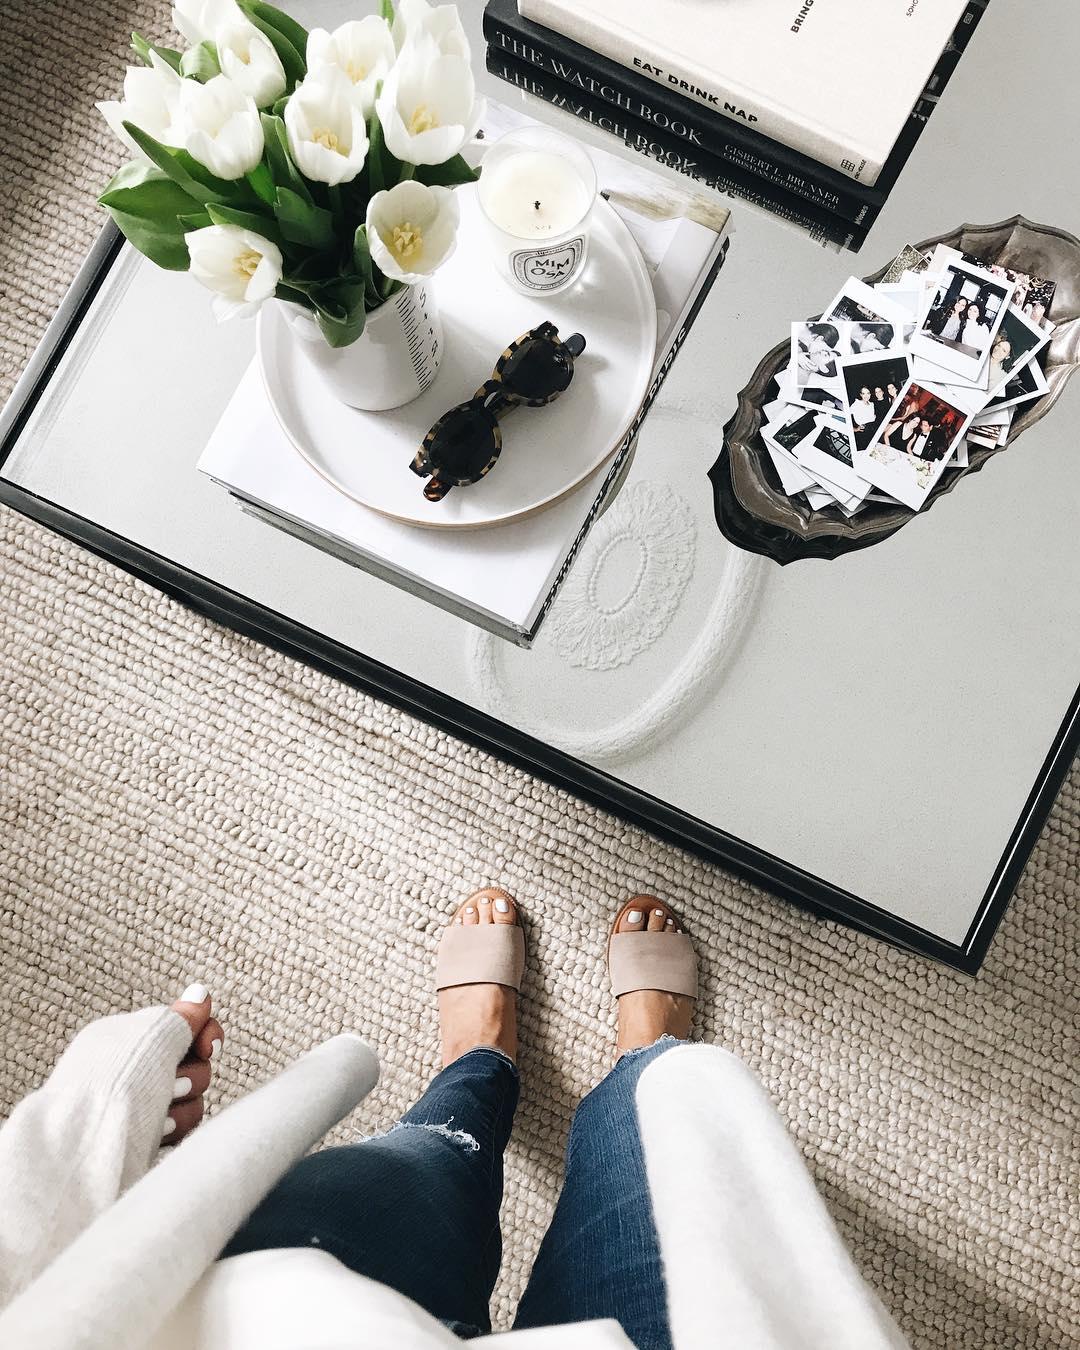 Эстетика небольших объектов: 5 идей для декора кофейного столика